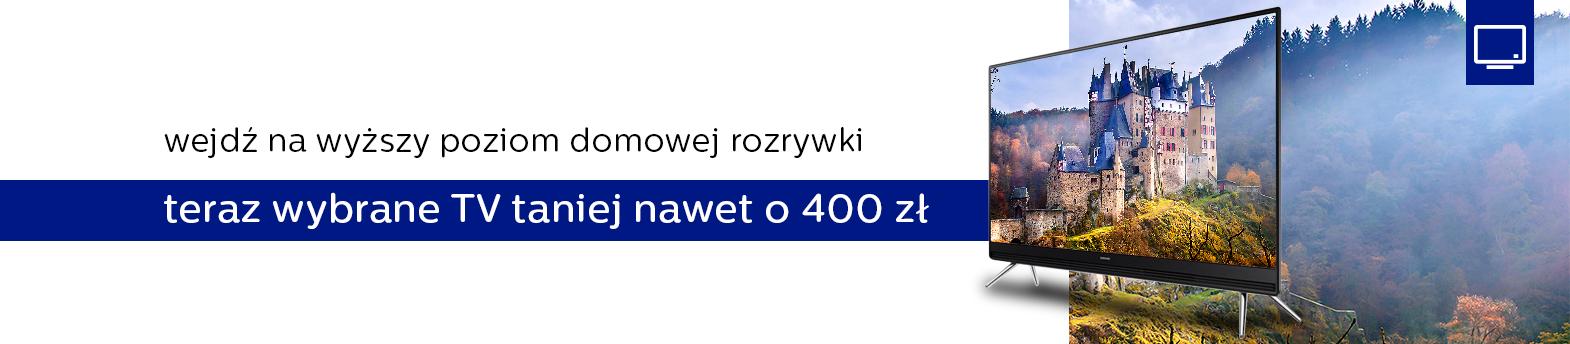 oszczędź do 400 zł